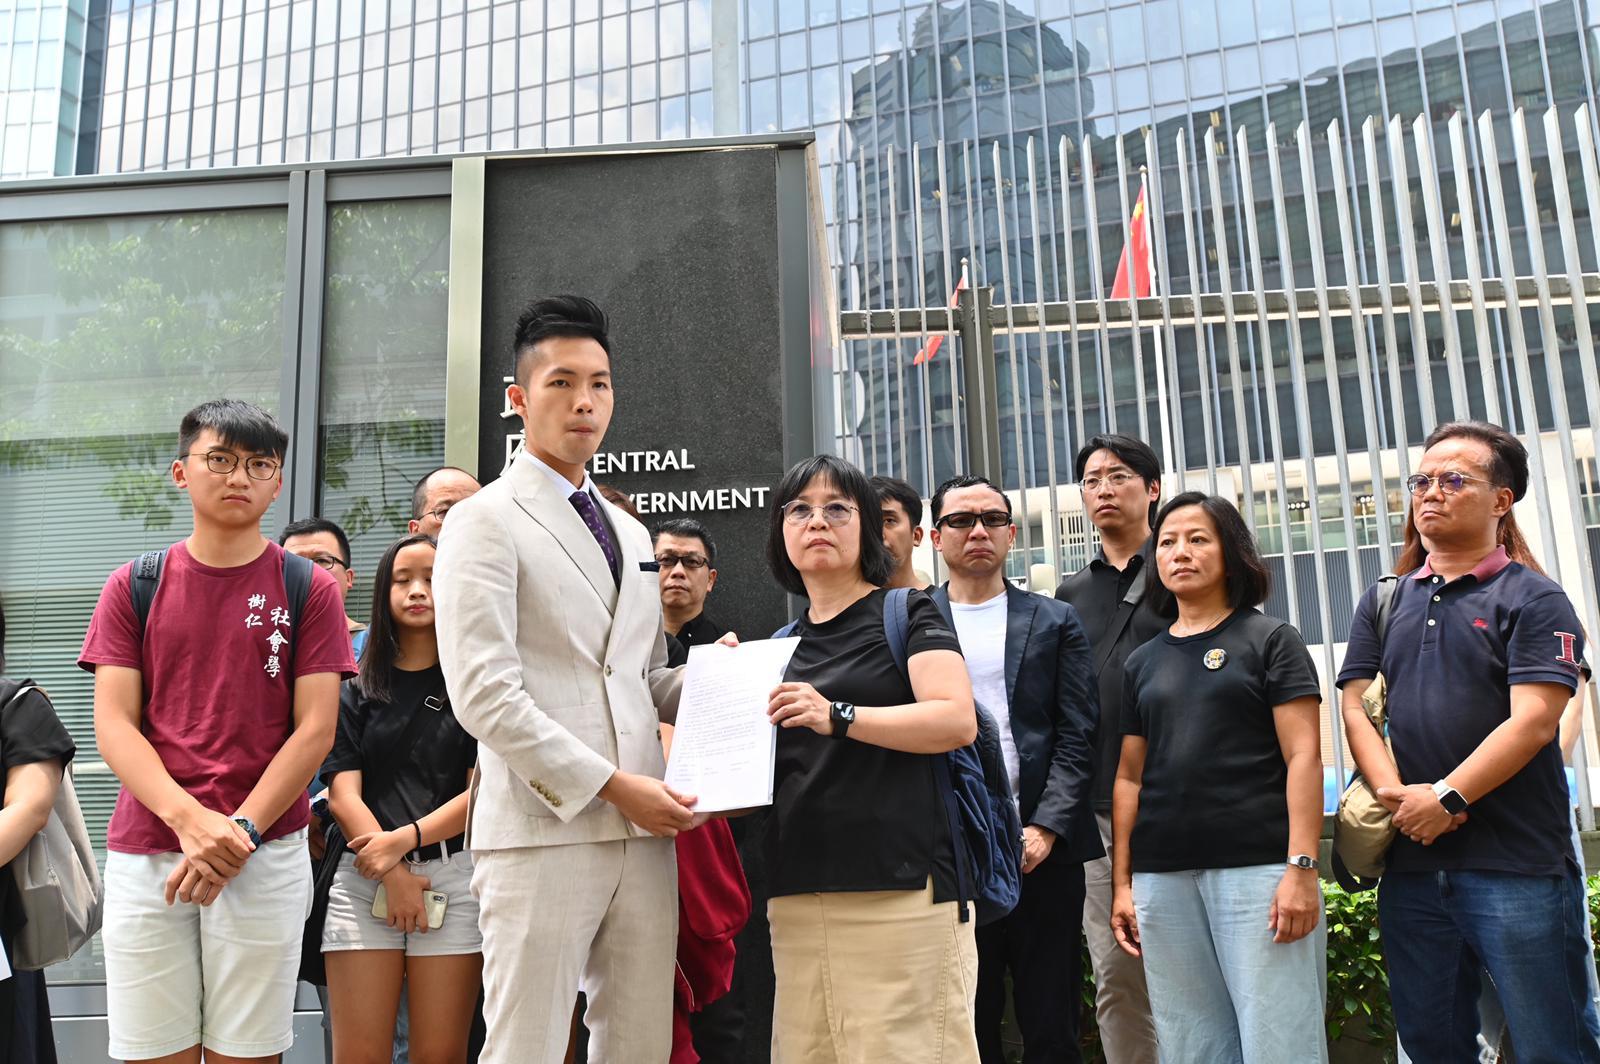 團體向教育局代表遞交請願信。